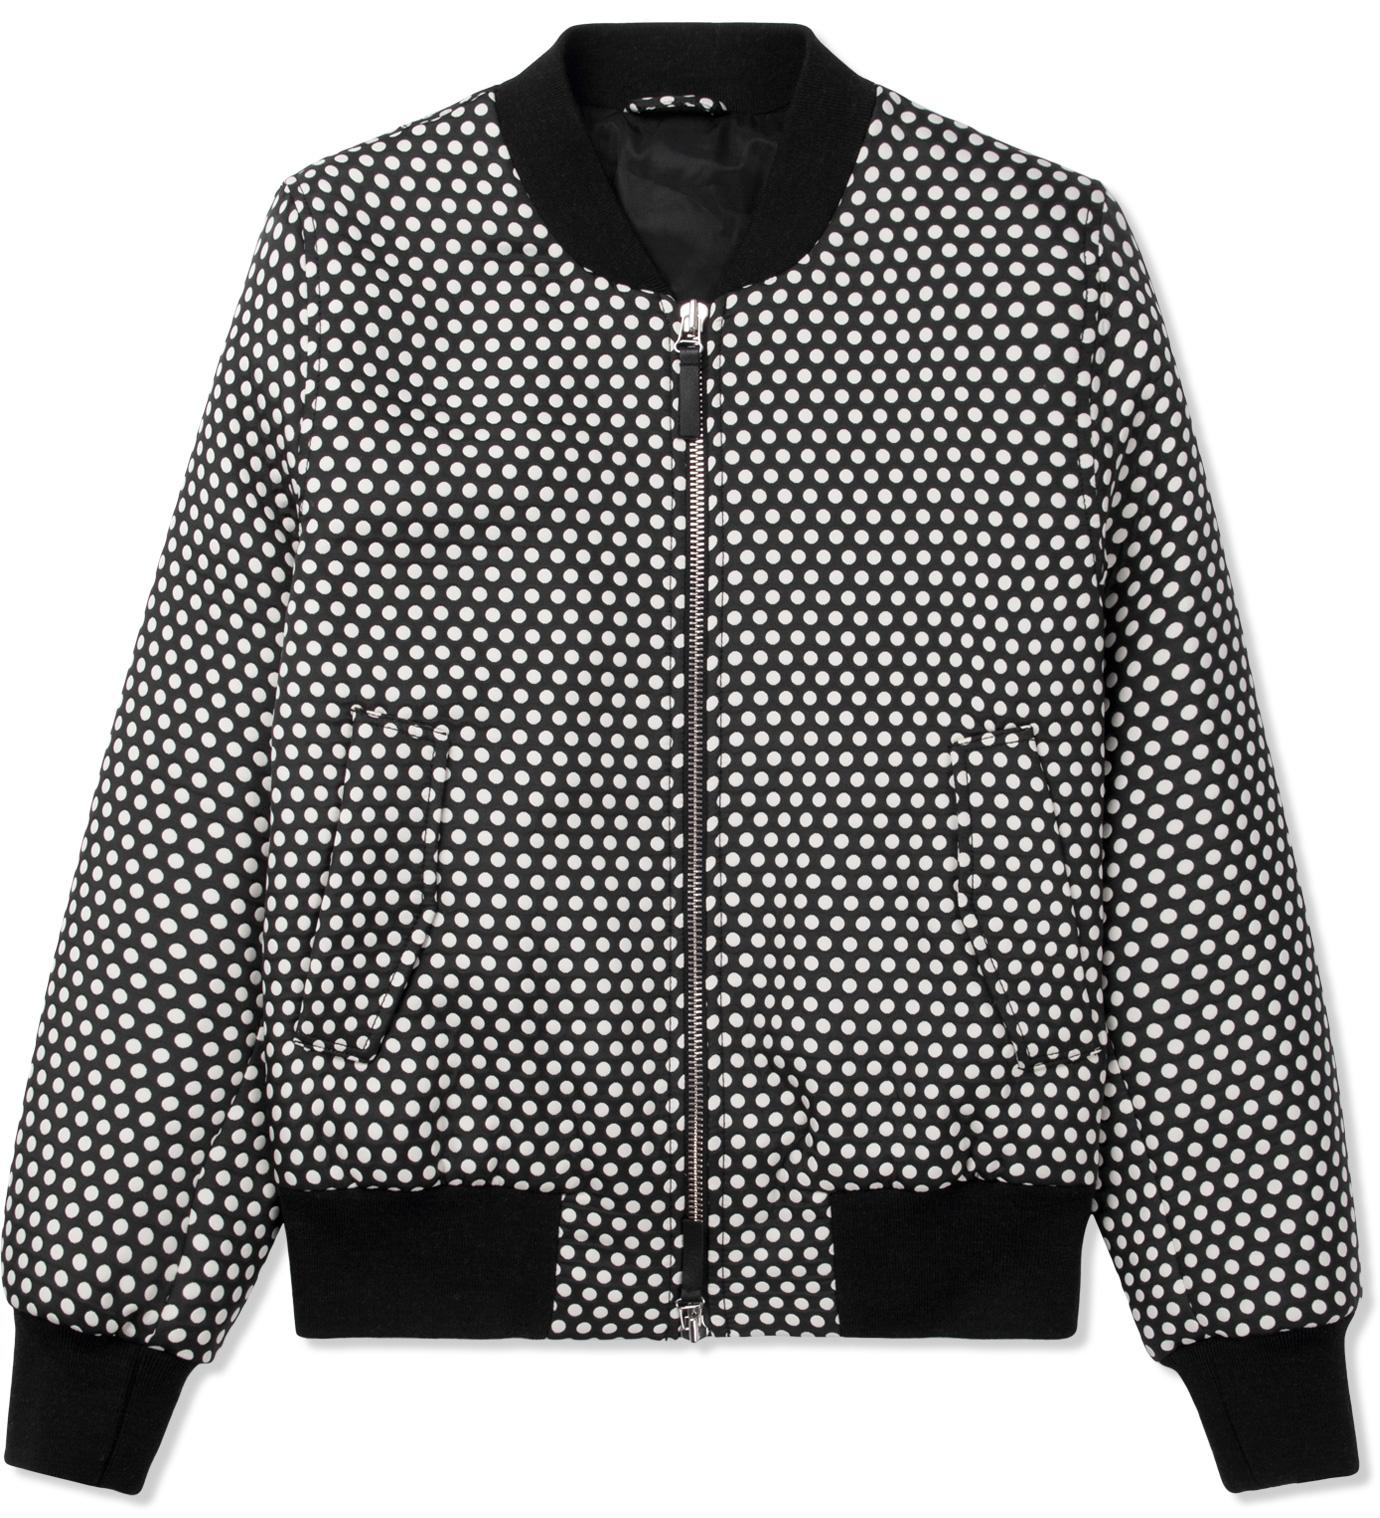 Shop for Black Dot Primal Men's Ski/ Snowboard Jacket. Get free delivery at kumau.ml - Your Online Women's Sport Clothing Shop! .